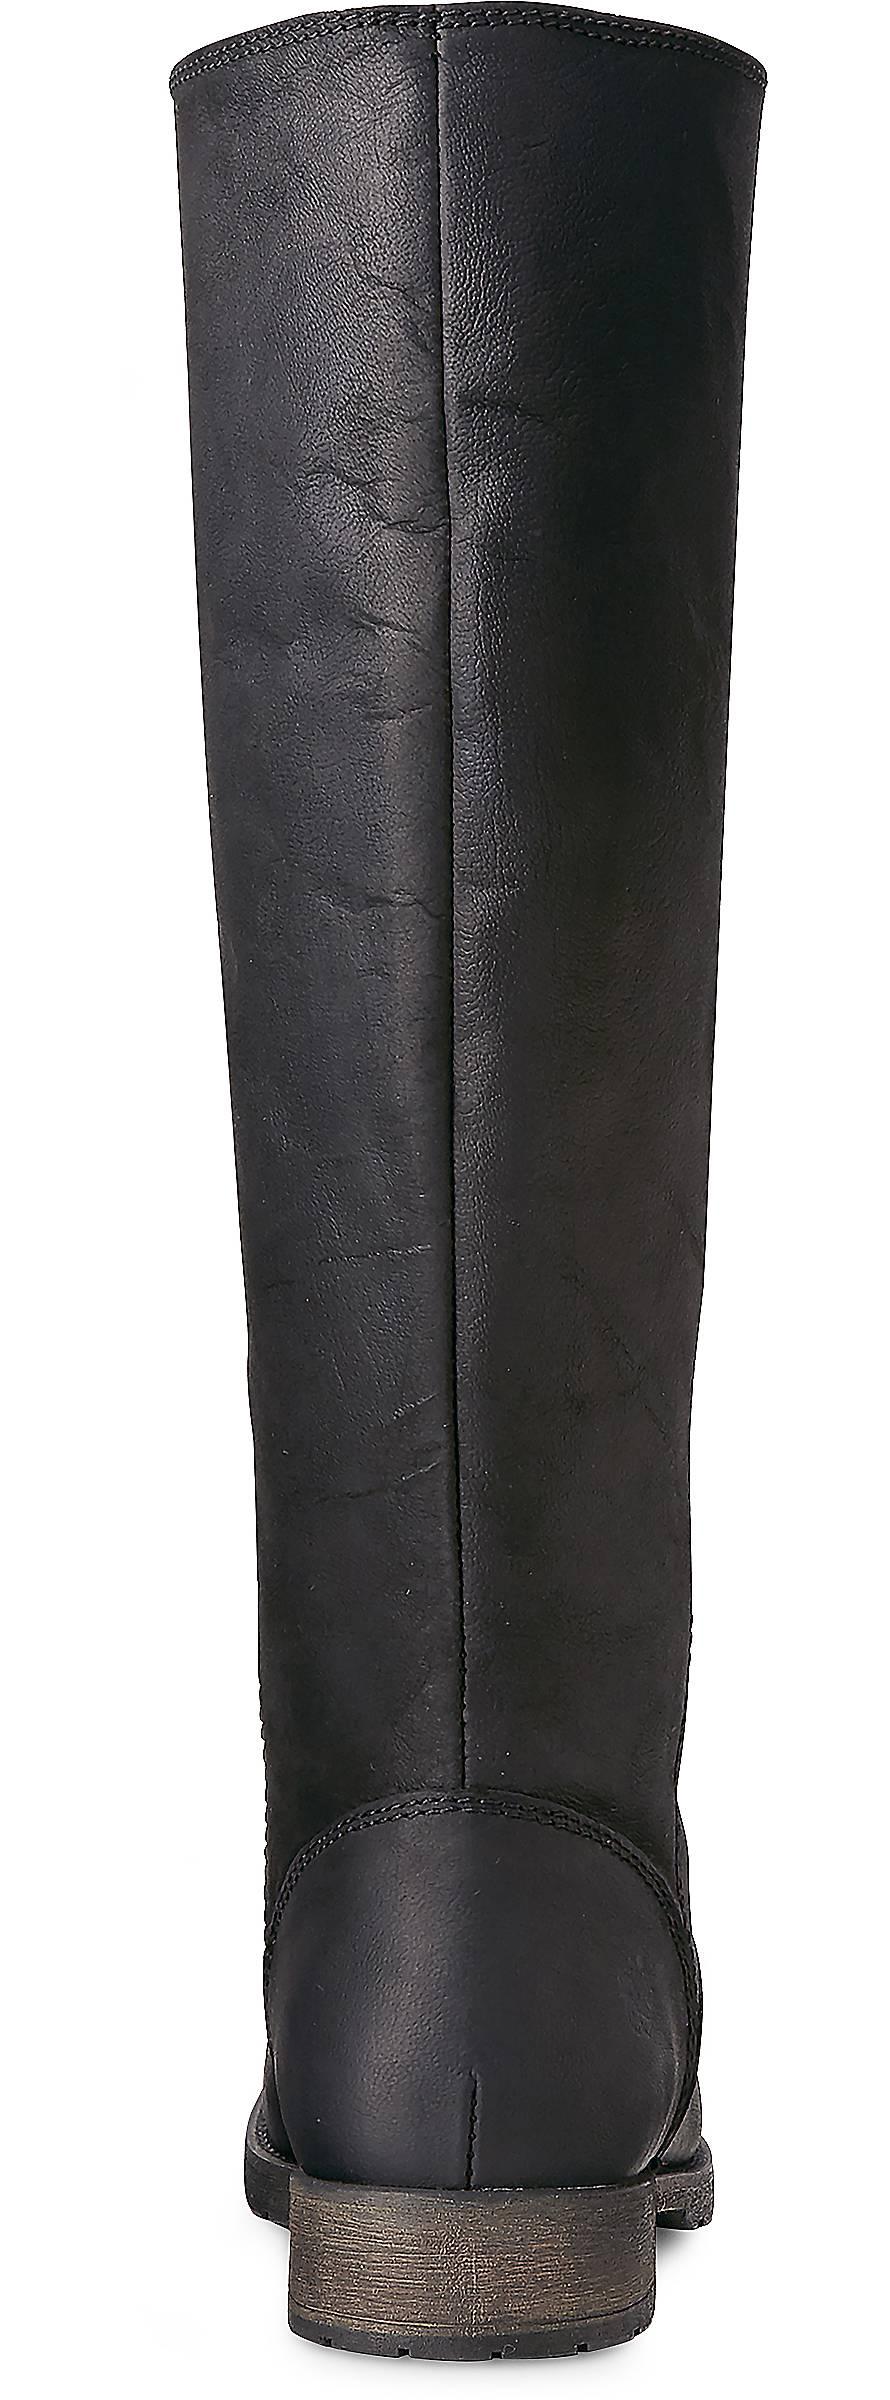 apple of eden stiefel aretha klassische stiefel schwarz g rtz. Black Bedroom Furniture Sets. Home Design Ideas